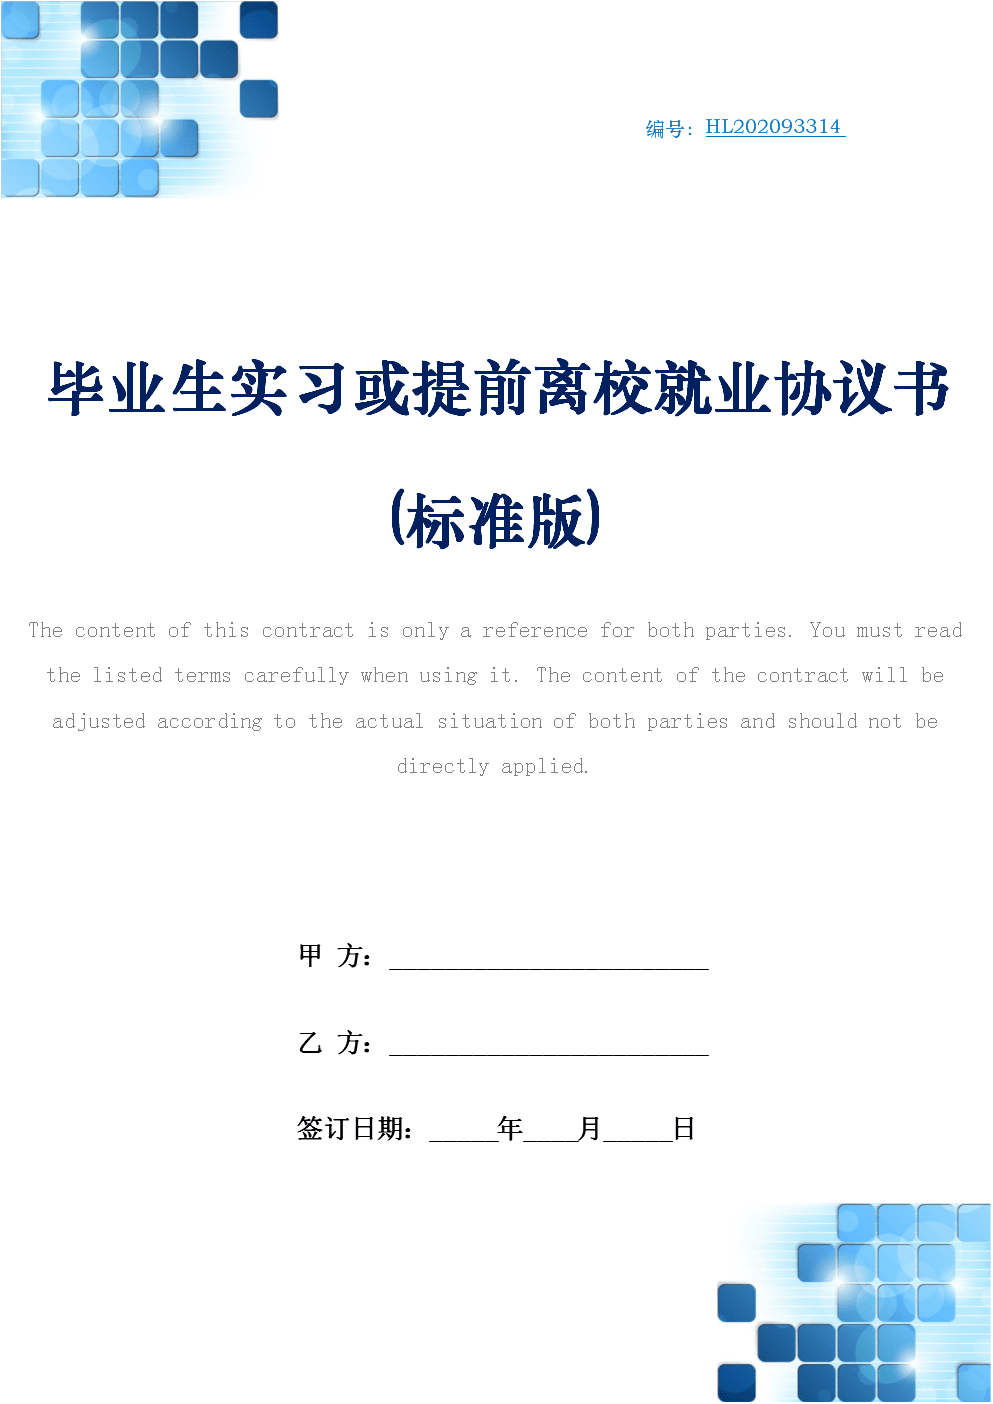 毕业生实习或提前离校就业协议书(标准版).docx